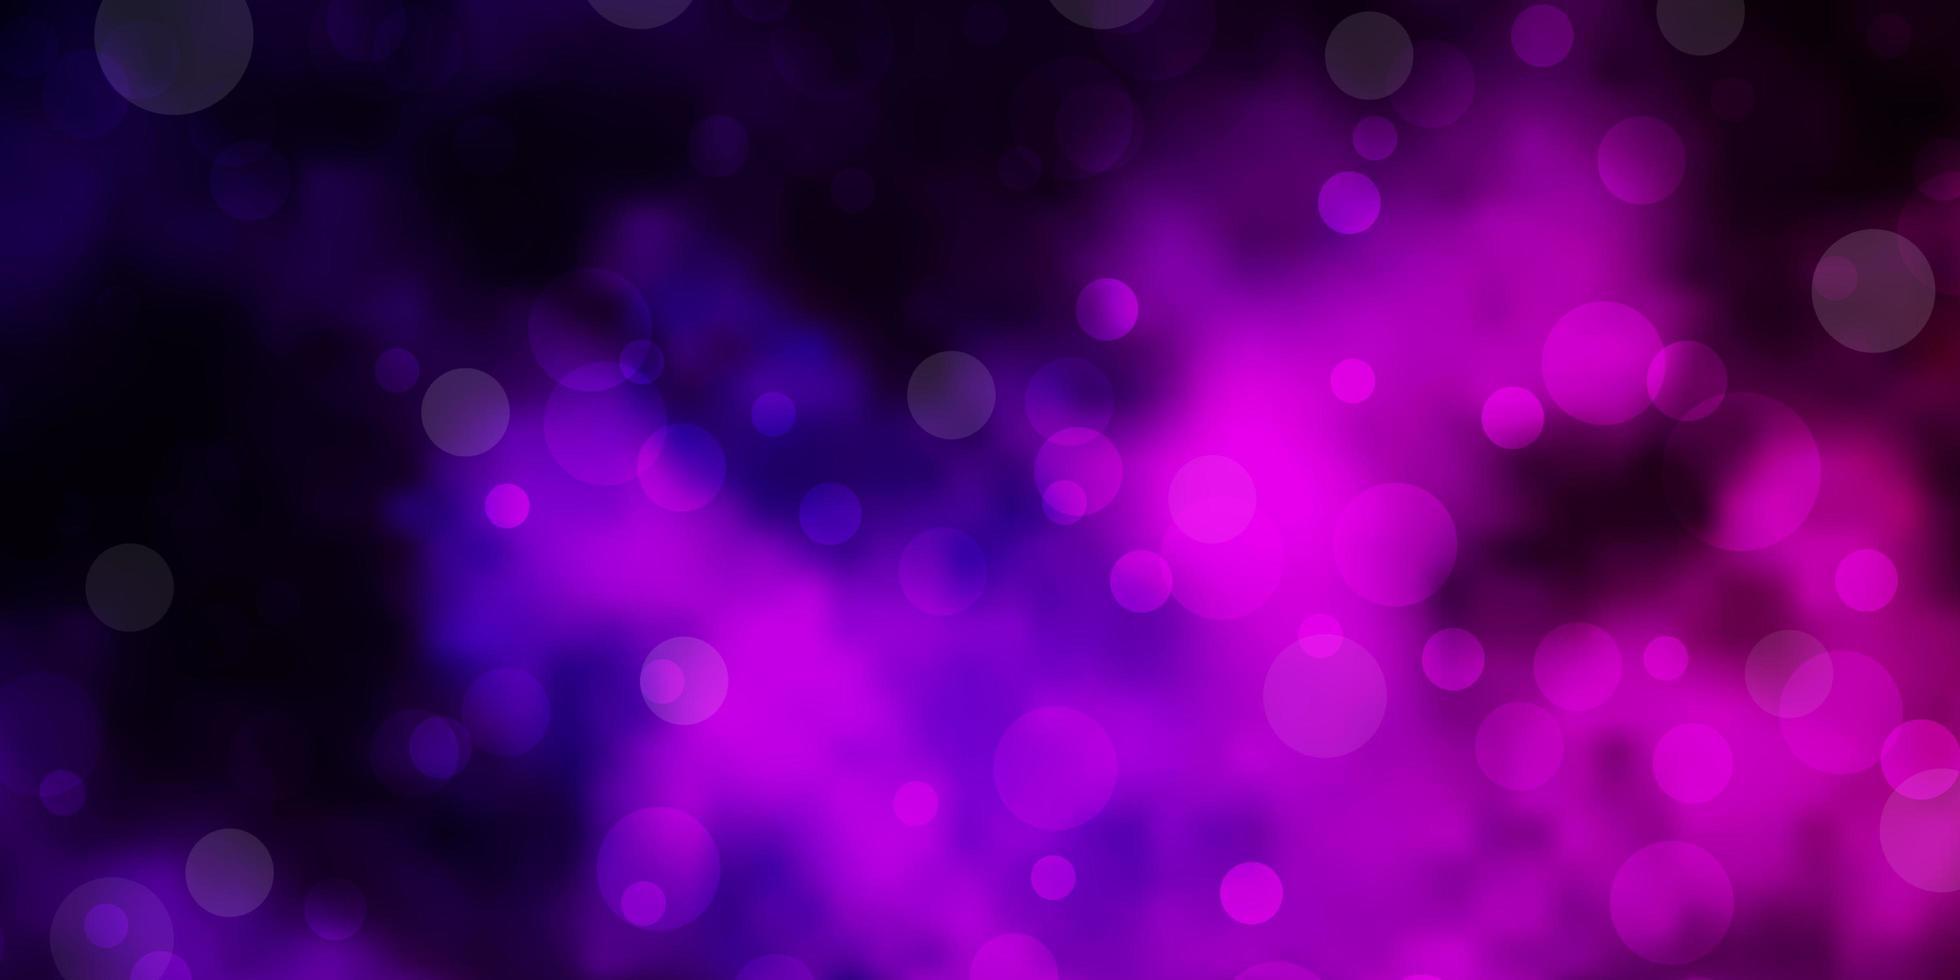 mörk lila vektor layout med cirkel former.